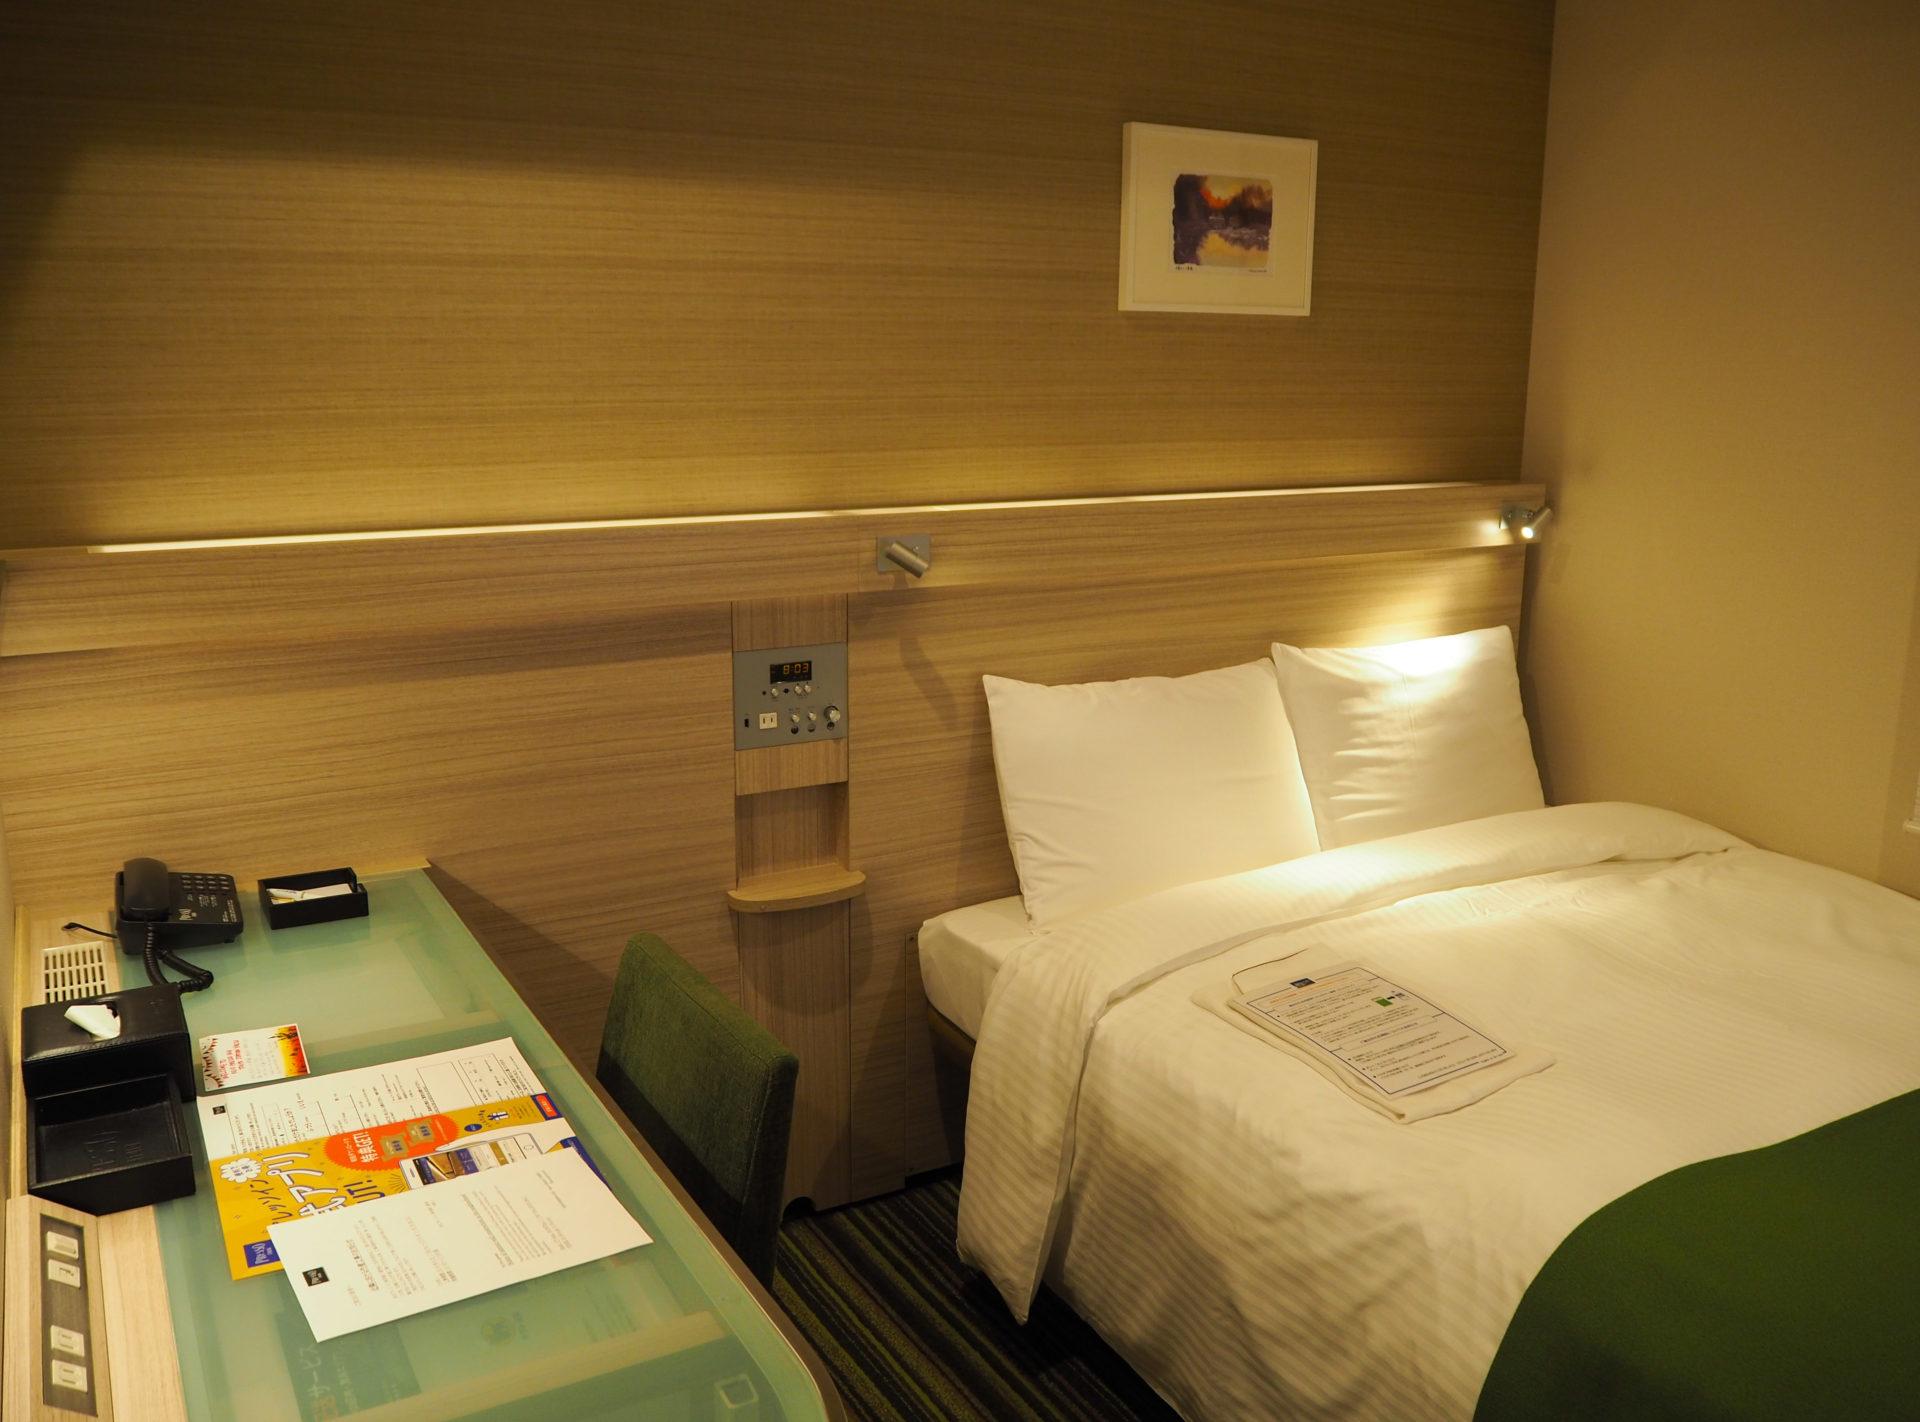 Hôtel à Tokyo - Escale à Tokyo: 24h dans la capitale du Japon - Tokyo en 24h - Récit et itinéraire pour visiter Tokyo en une journée